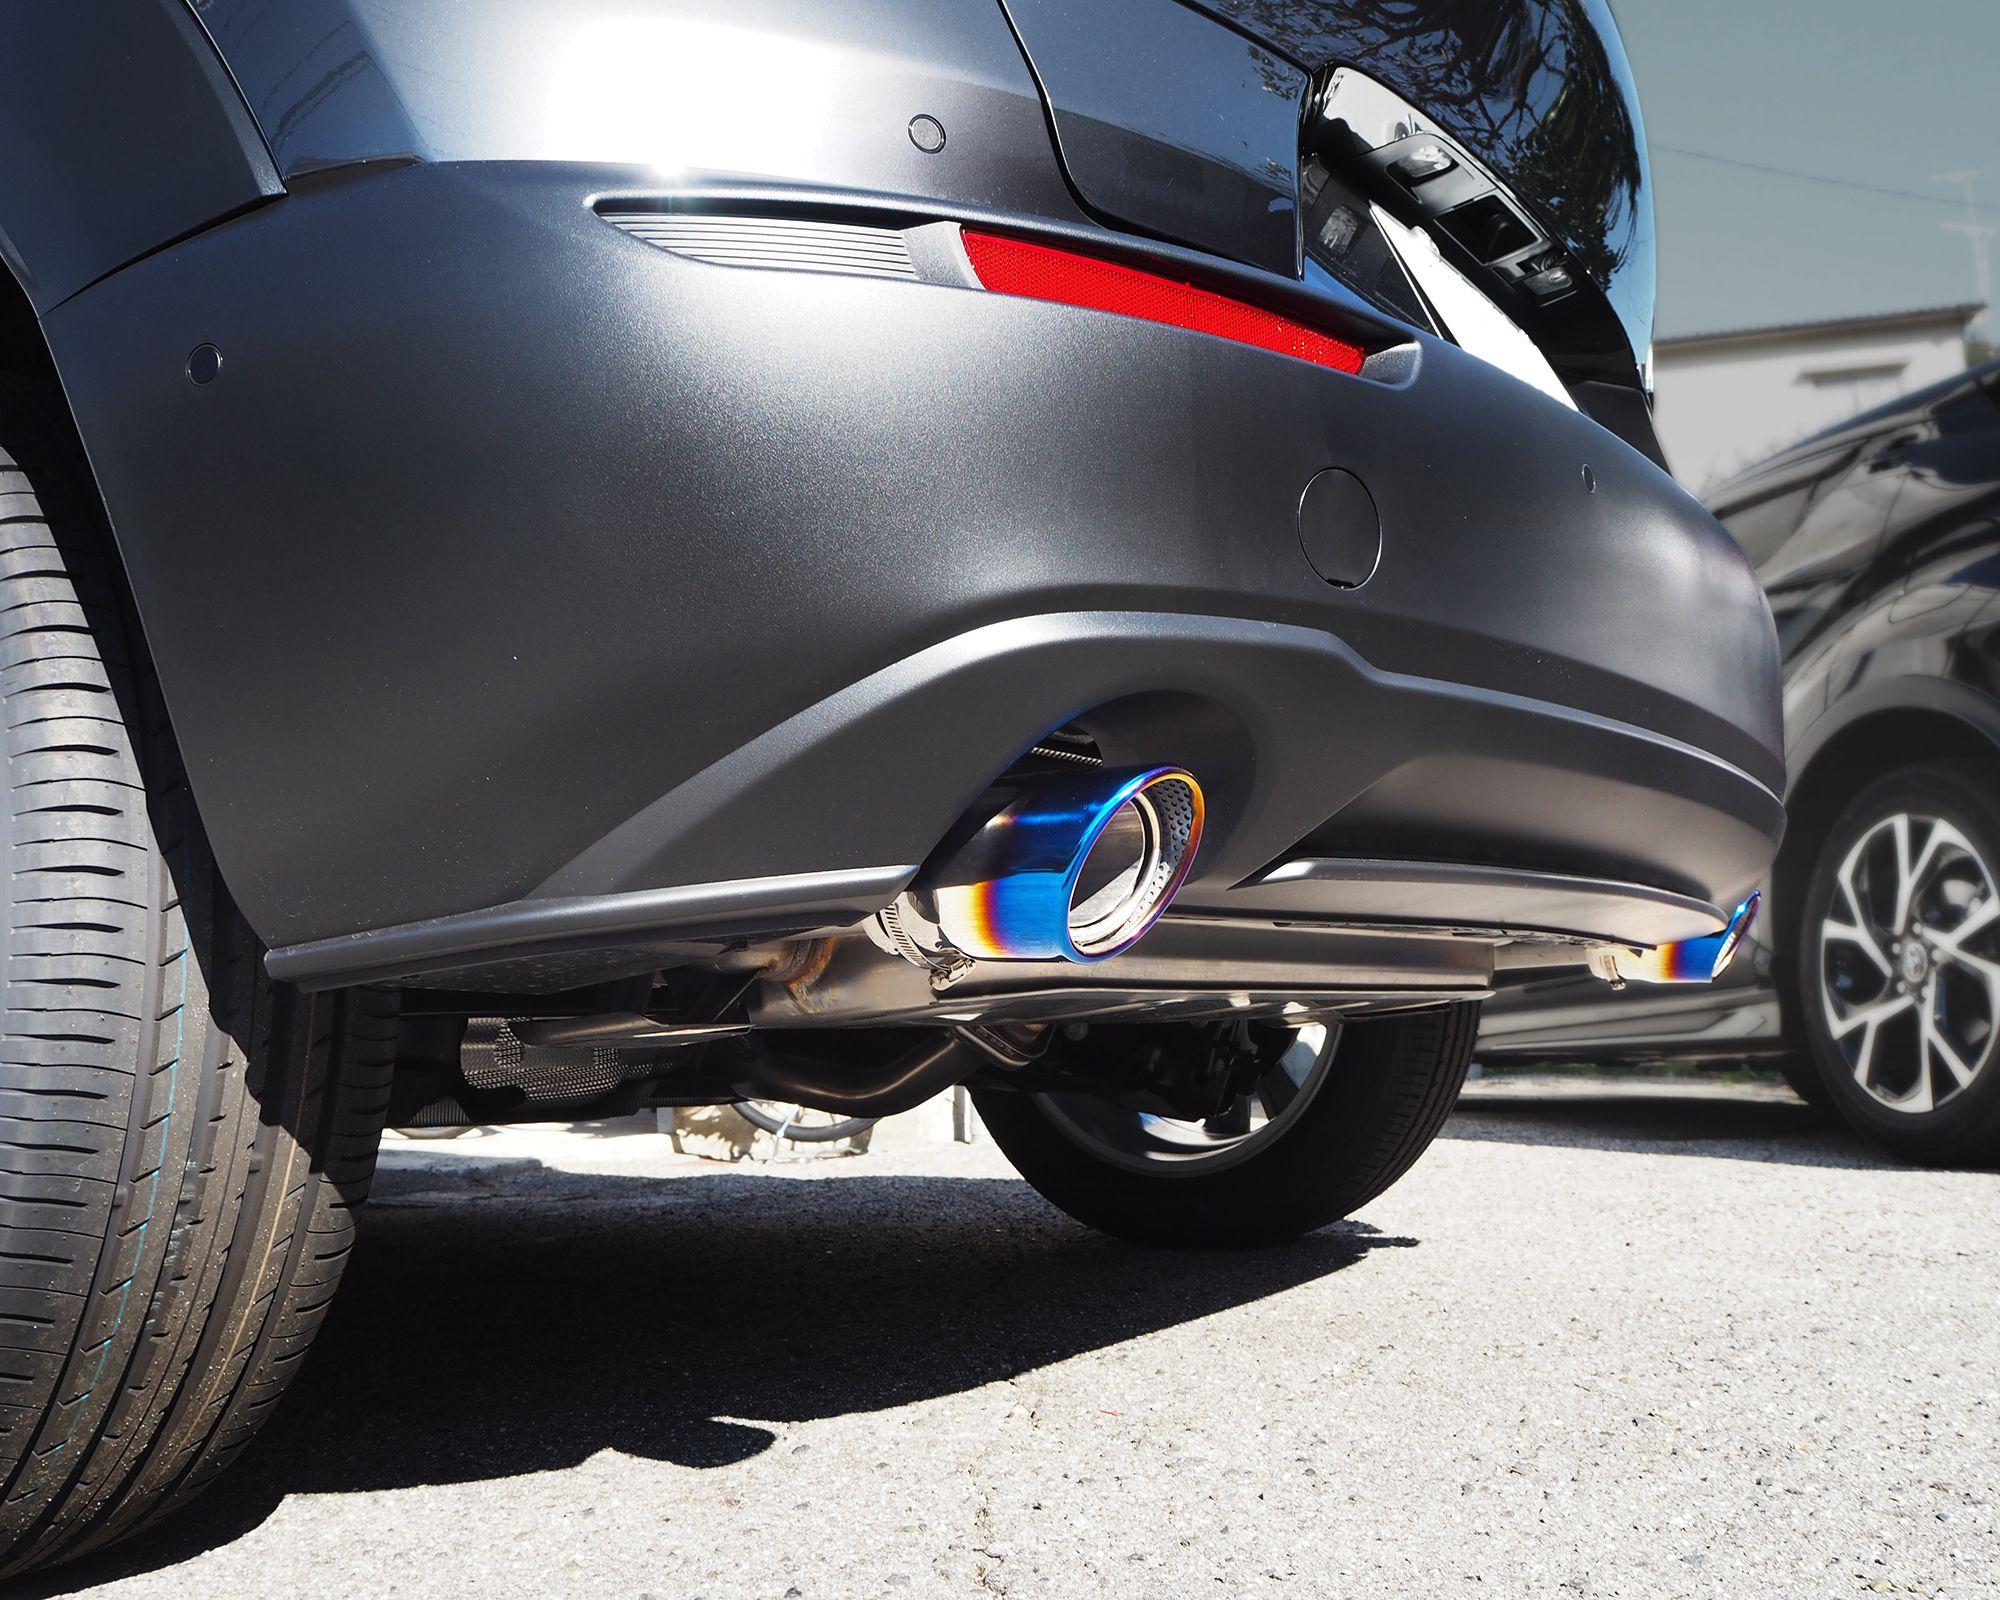 Cx 30 マフラーカッター チタン調 スラッシュカット マツダ Cx 30 Cx30 シングルタイプ 2本セット エクステリア マフラーカバー カー用品 マツダ ディーゼル カッター